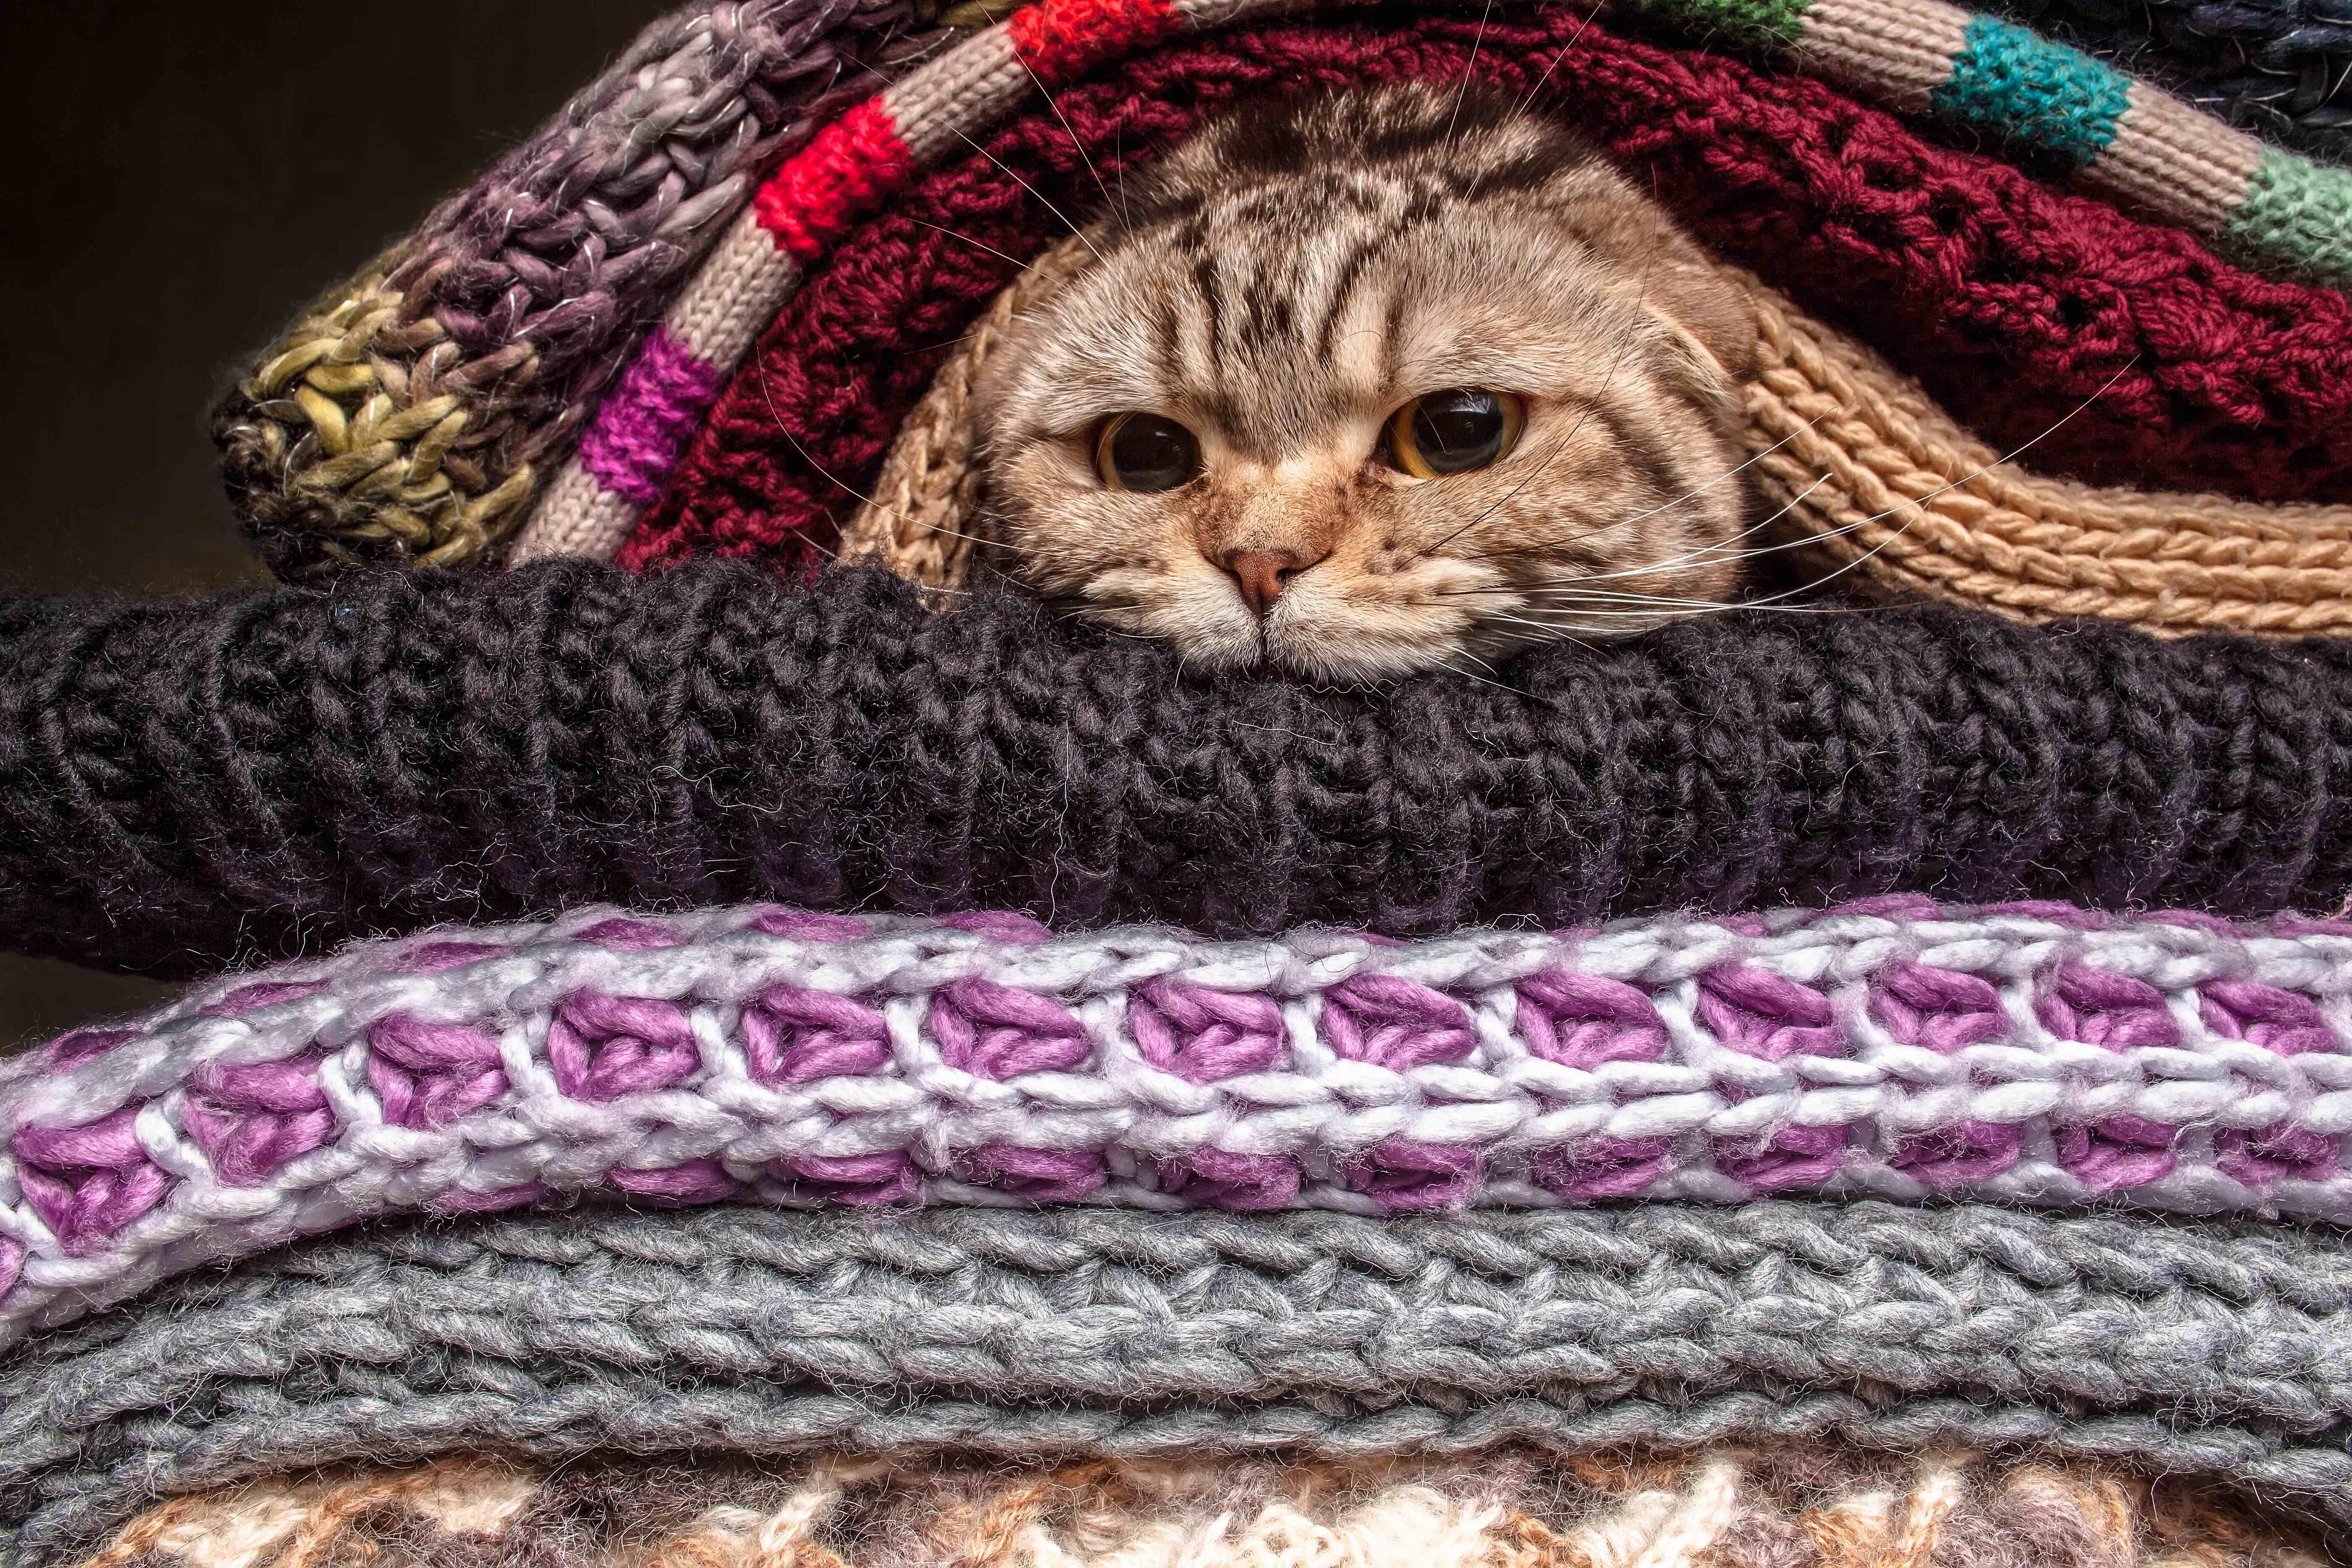 compagnie du froid 5 conseils pour protéger son chat du froid  petits félins puisent plus d'énergie  lorsqu'ils sont à l'extérieur pour se protéger du froid  le bien-être de votre  animal de compagnie ainsi que des actualités sur le monde animal.